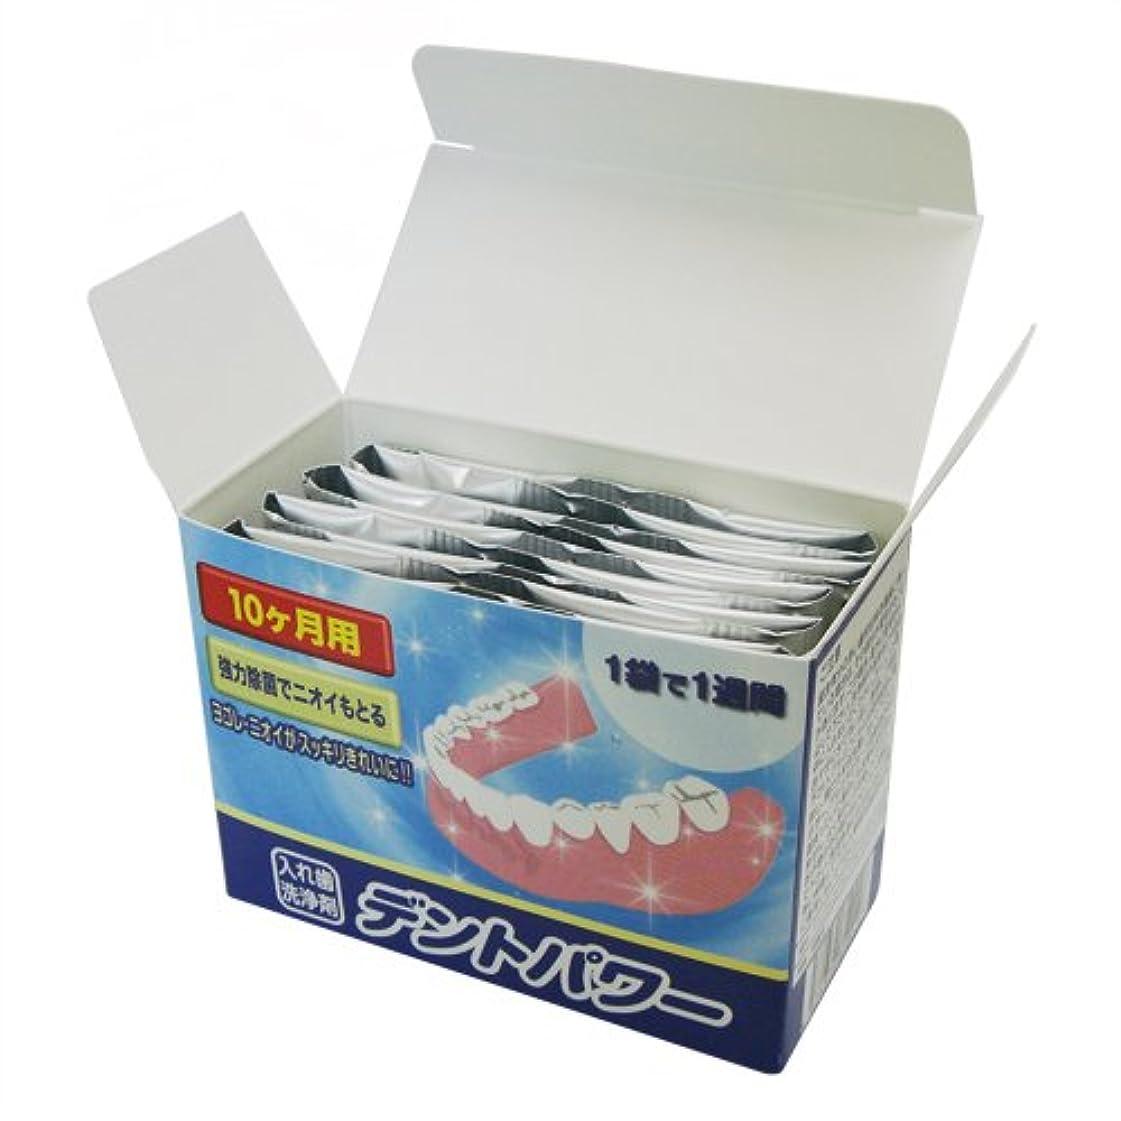 キャラバン本土たぶんデントパワー 入れ歯洗浄剤 10ヵ月用(専用ケース無し)